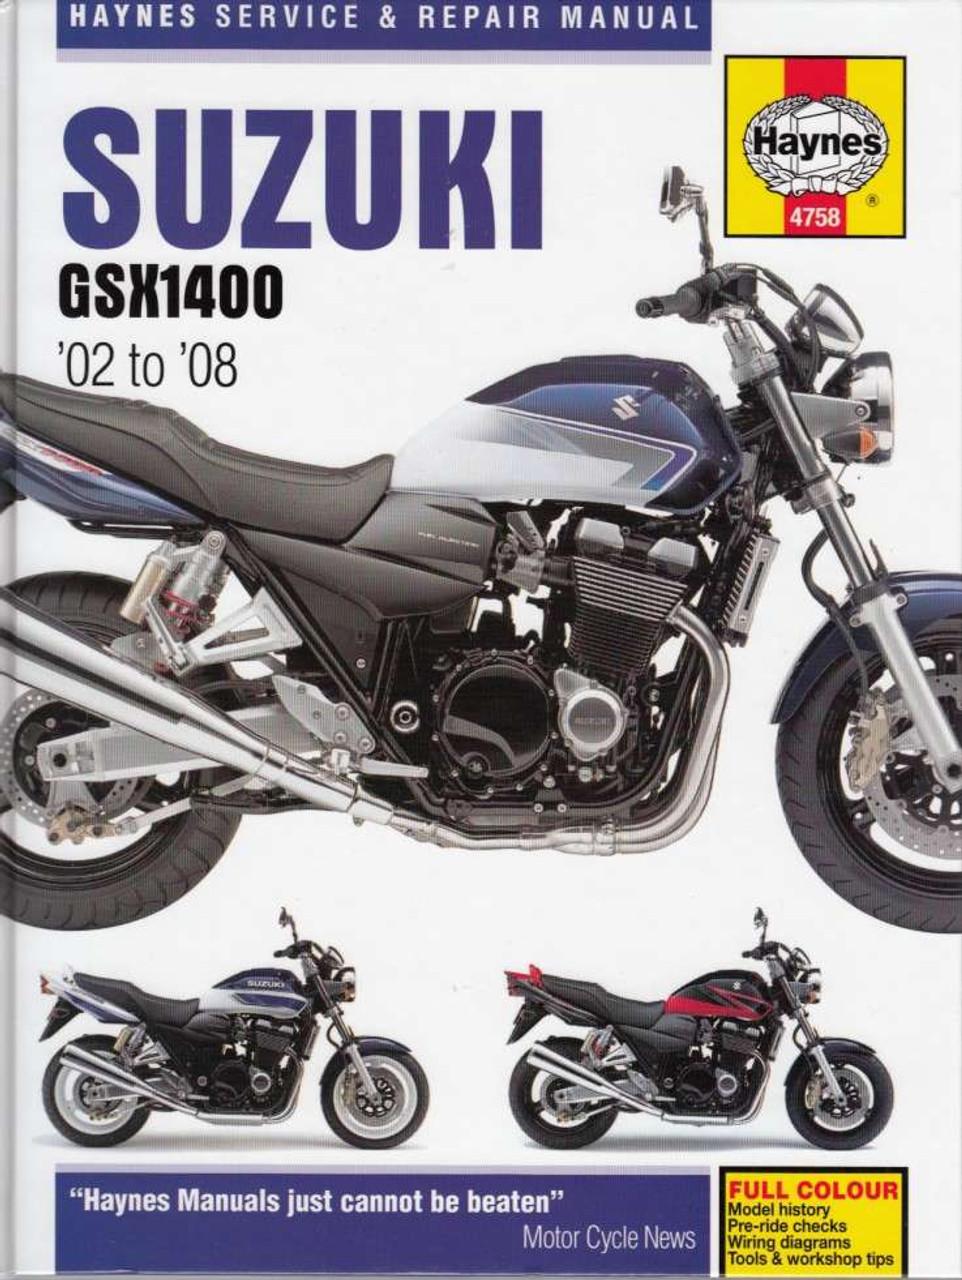 Suzuki Gsx1400 K2  K3  K4  K5  K6  K7 2002